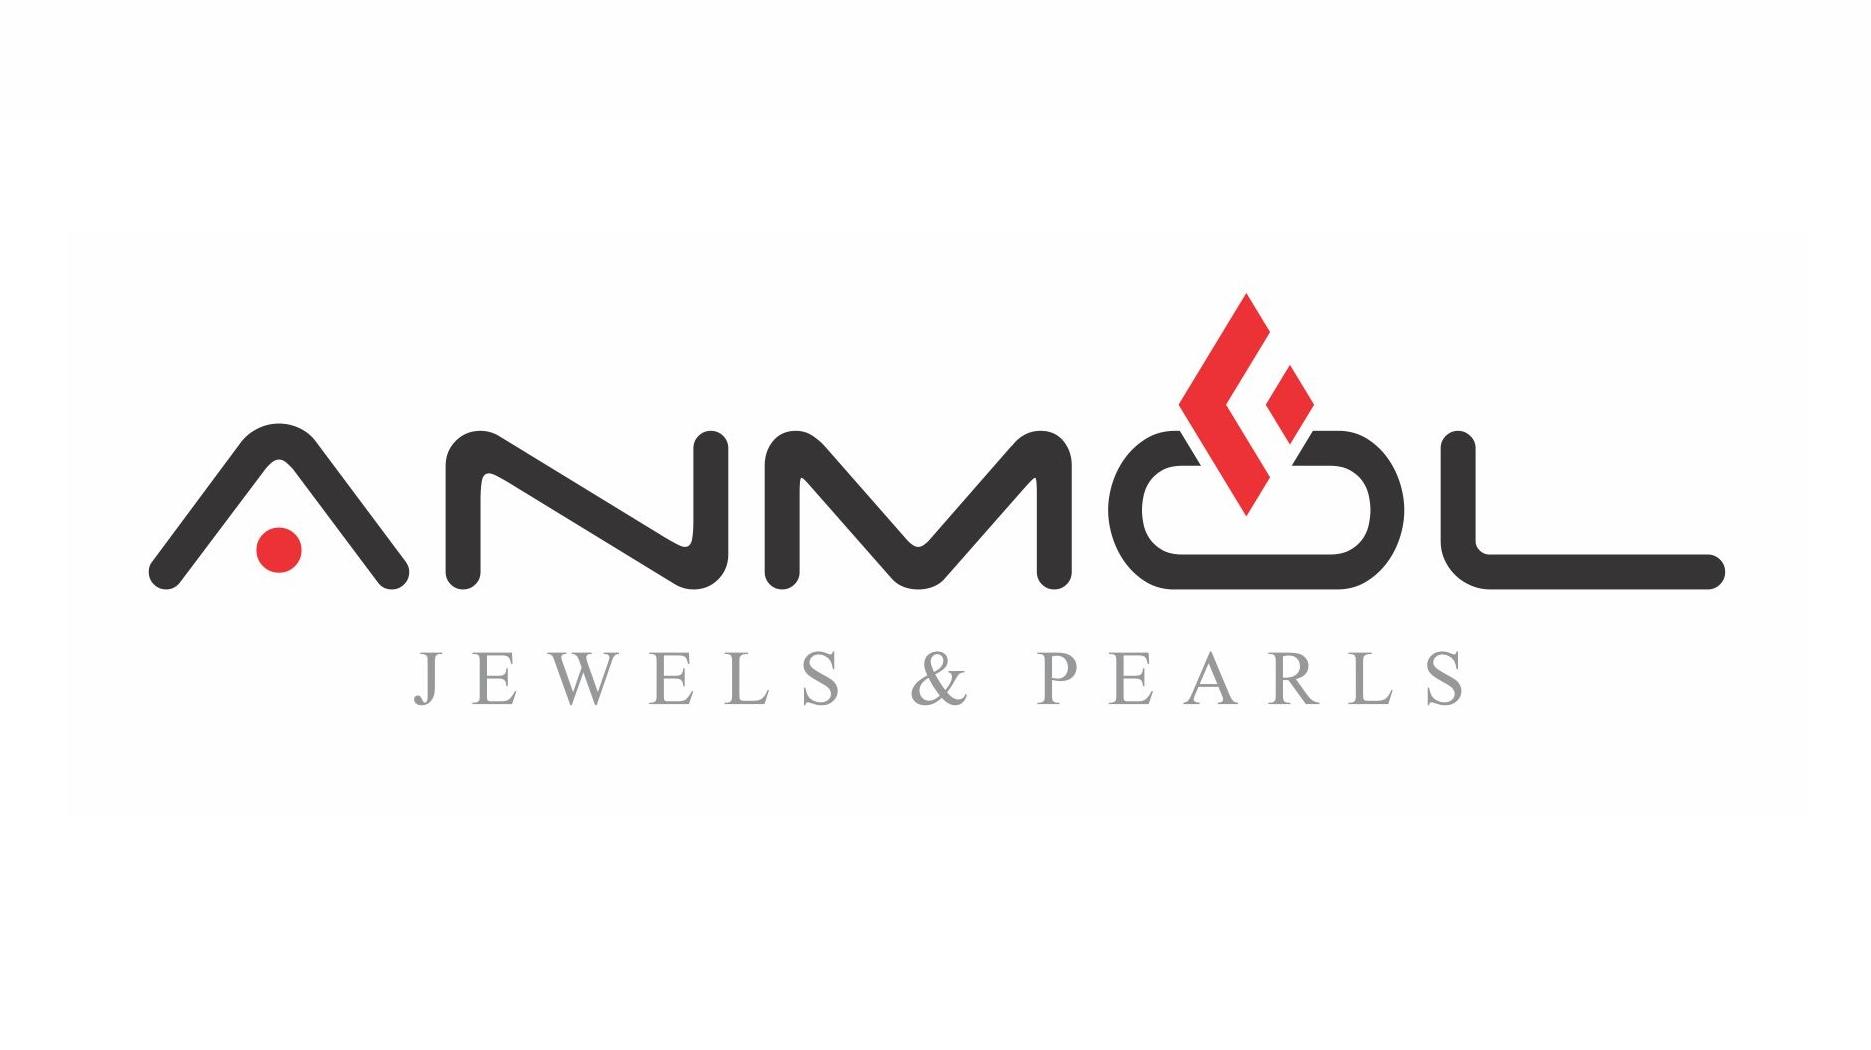 ANMOL JEWELS & PEARLS